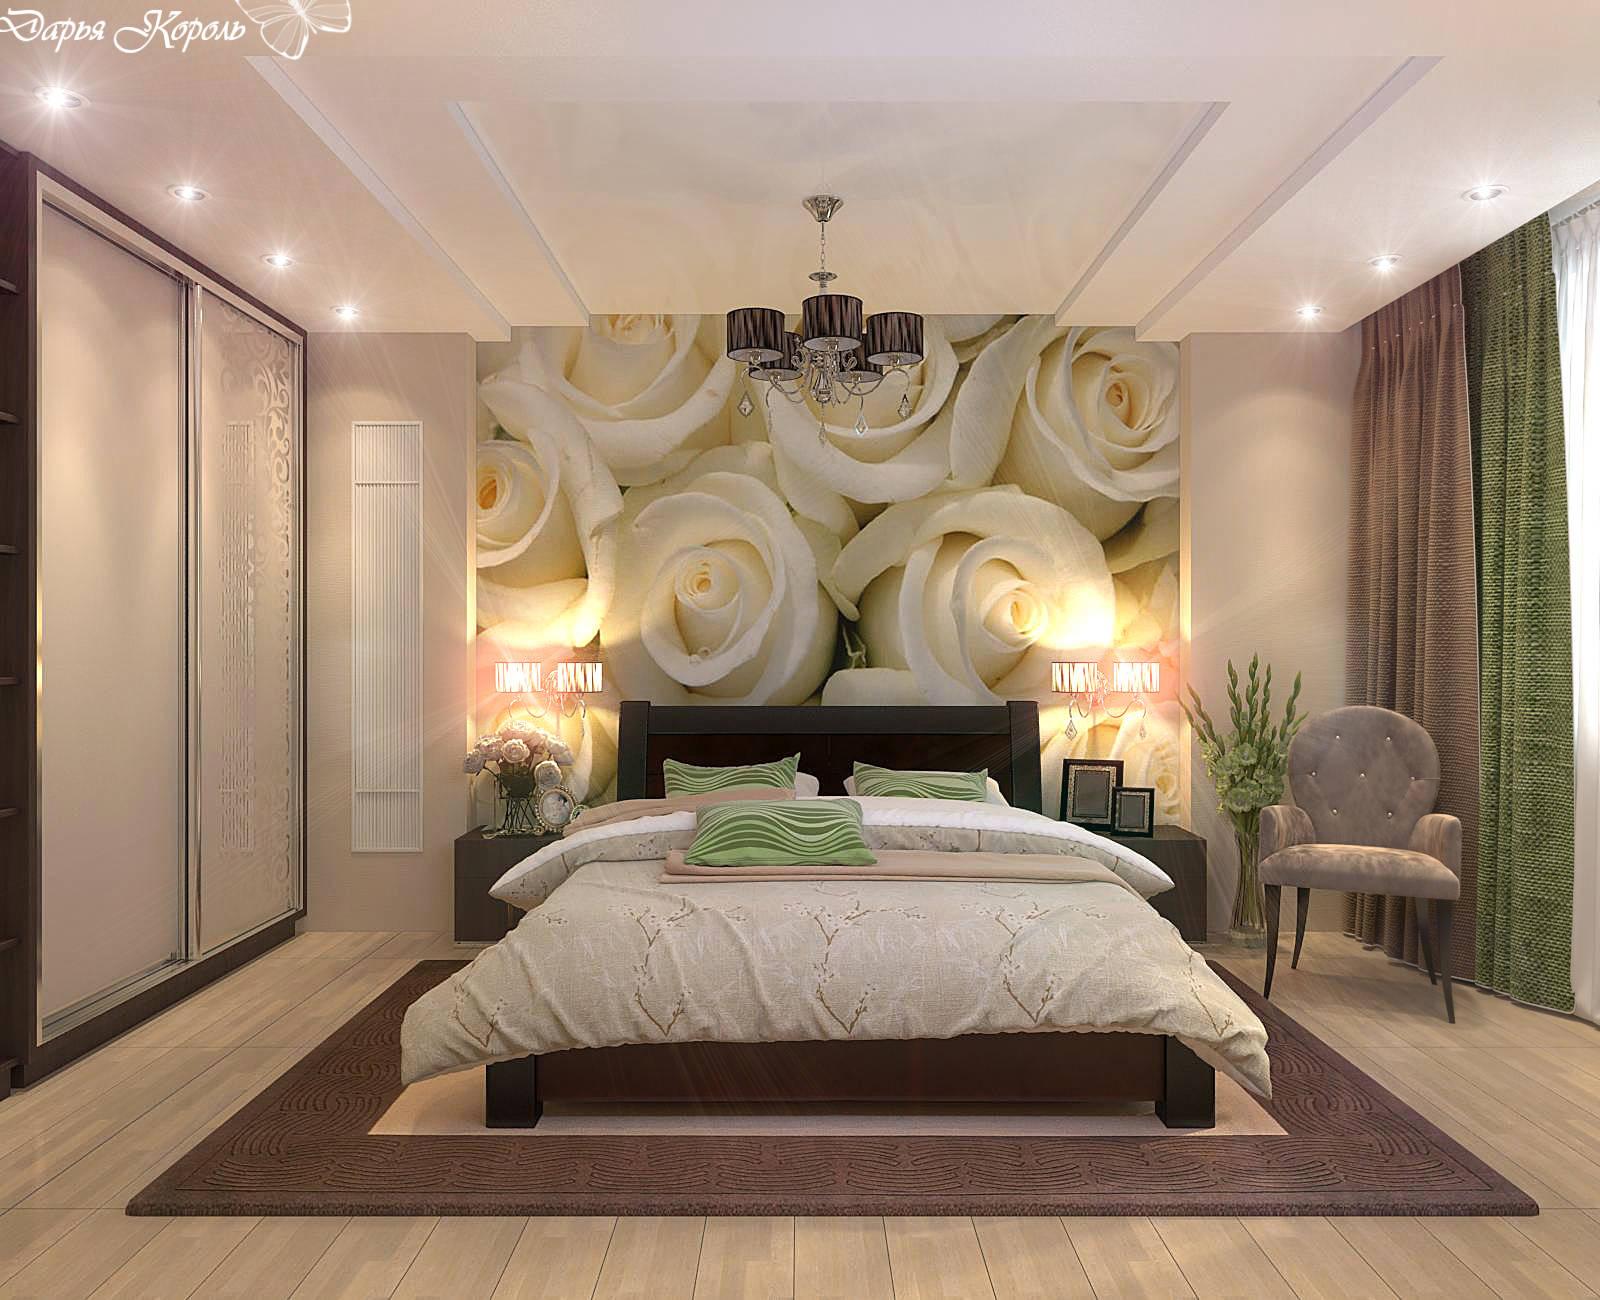 Фотообои в спальни дизайн